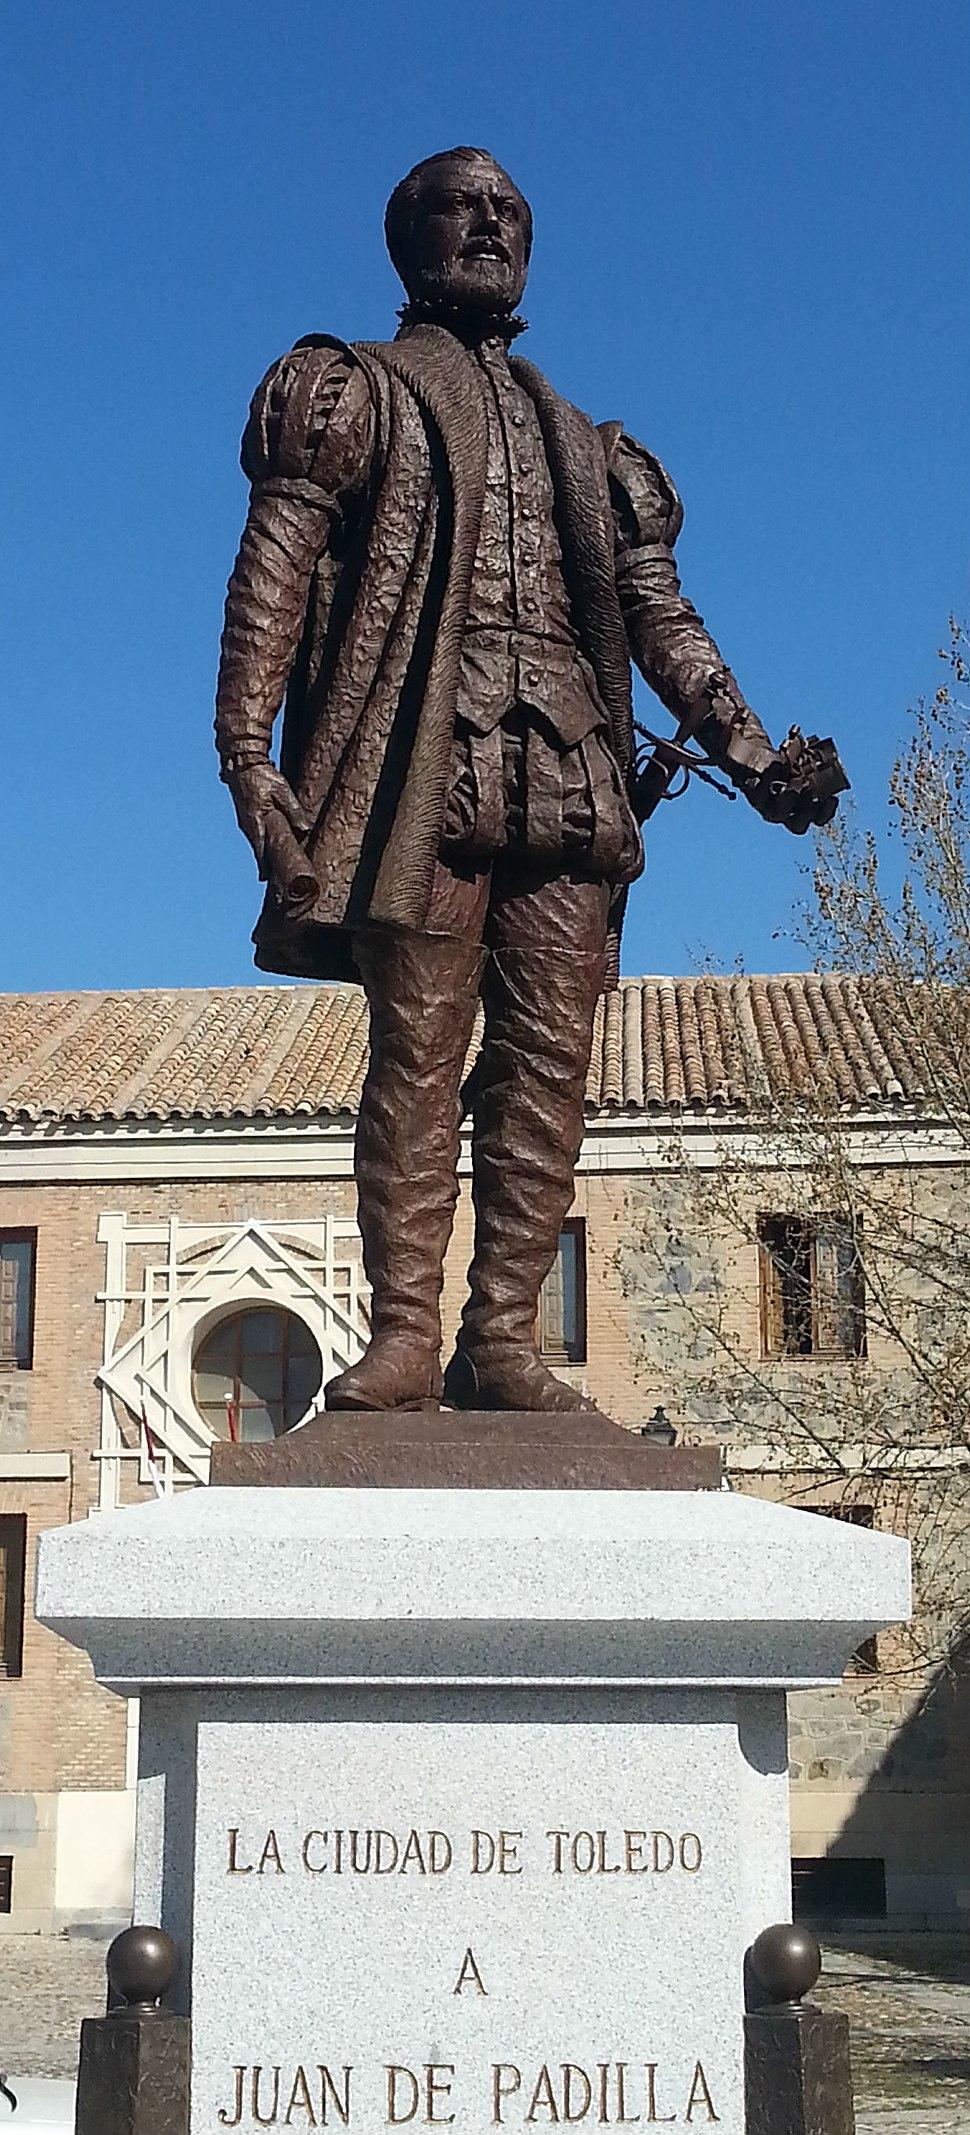 Escultura en bronce de Juan de Padilla, obra del escultor toledano Julio Martín de Vidales